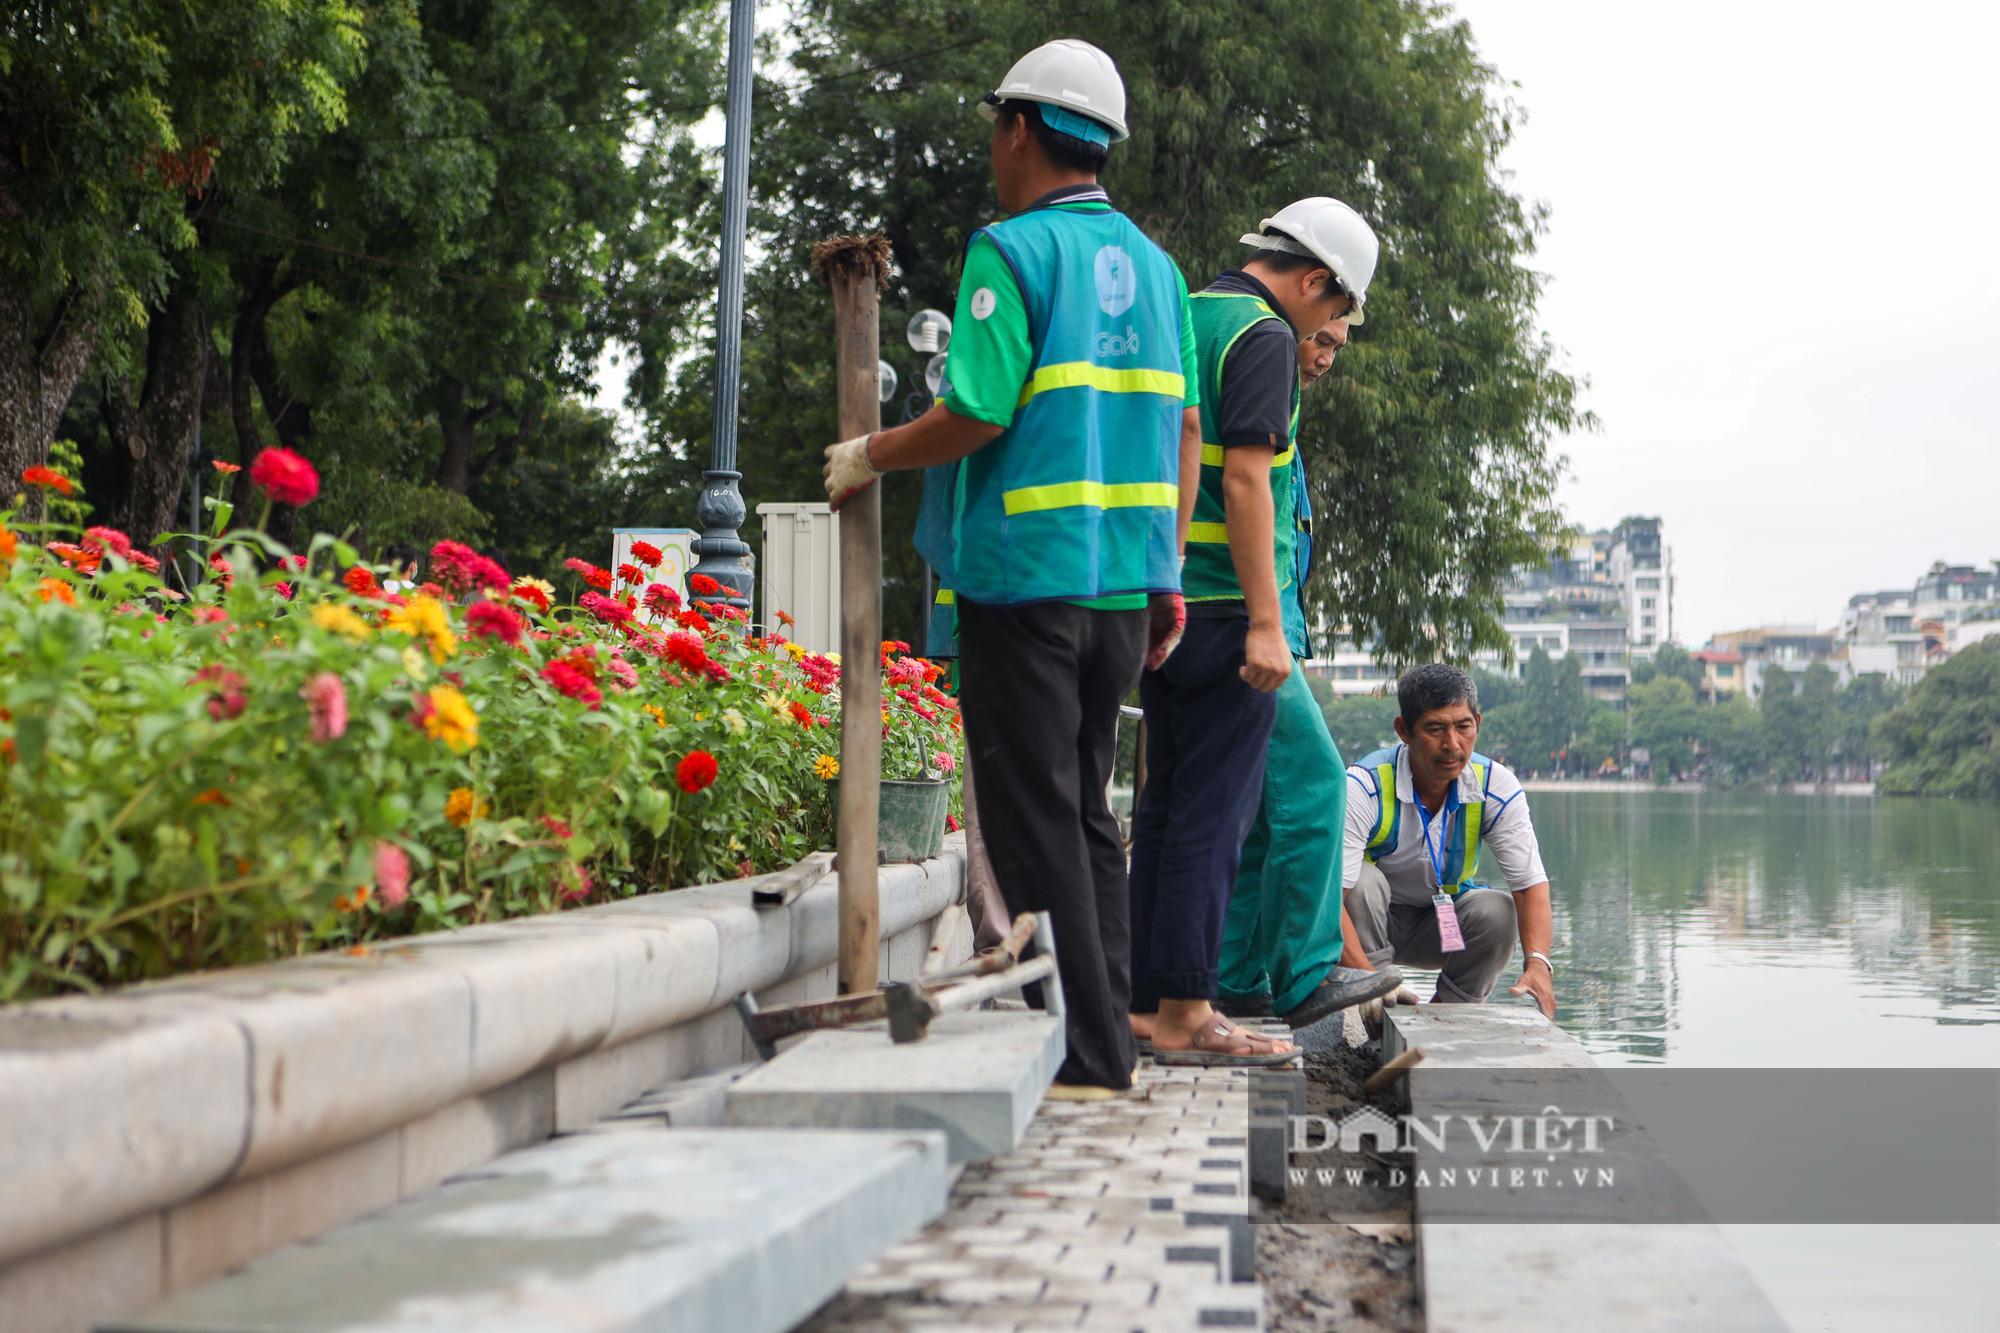 Chiêm ngưỡng vườn hoa mới đẹp ngỡ ngàng bên bờ hồ Hoàn Kiếm  - Ảnh 13.